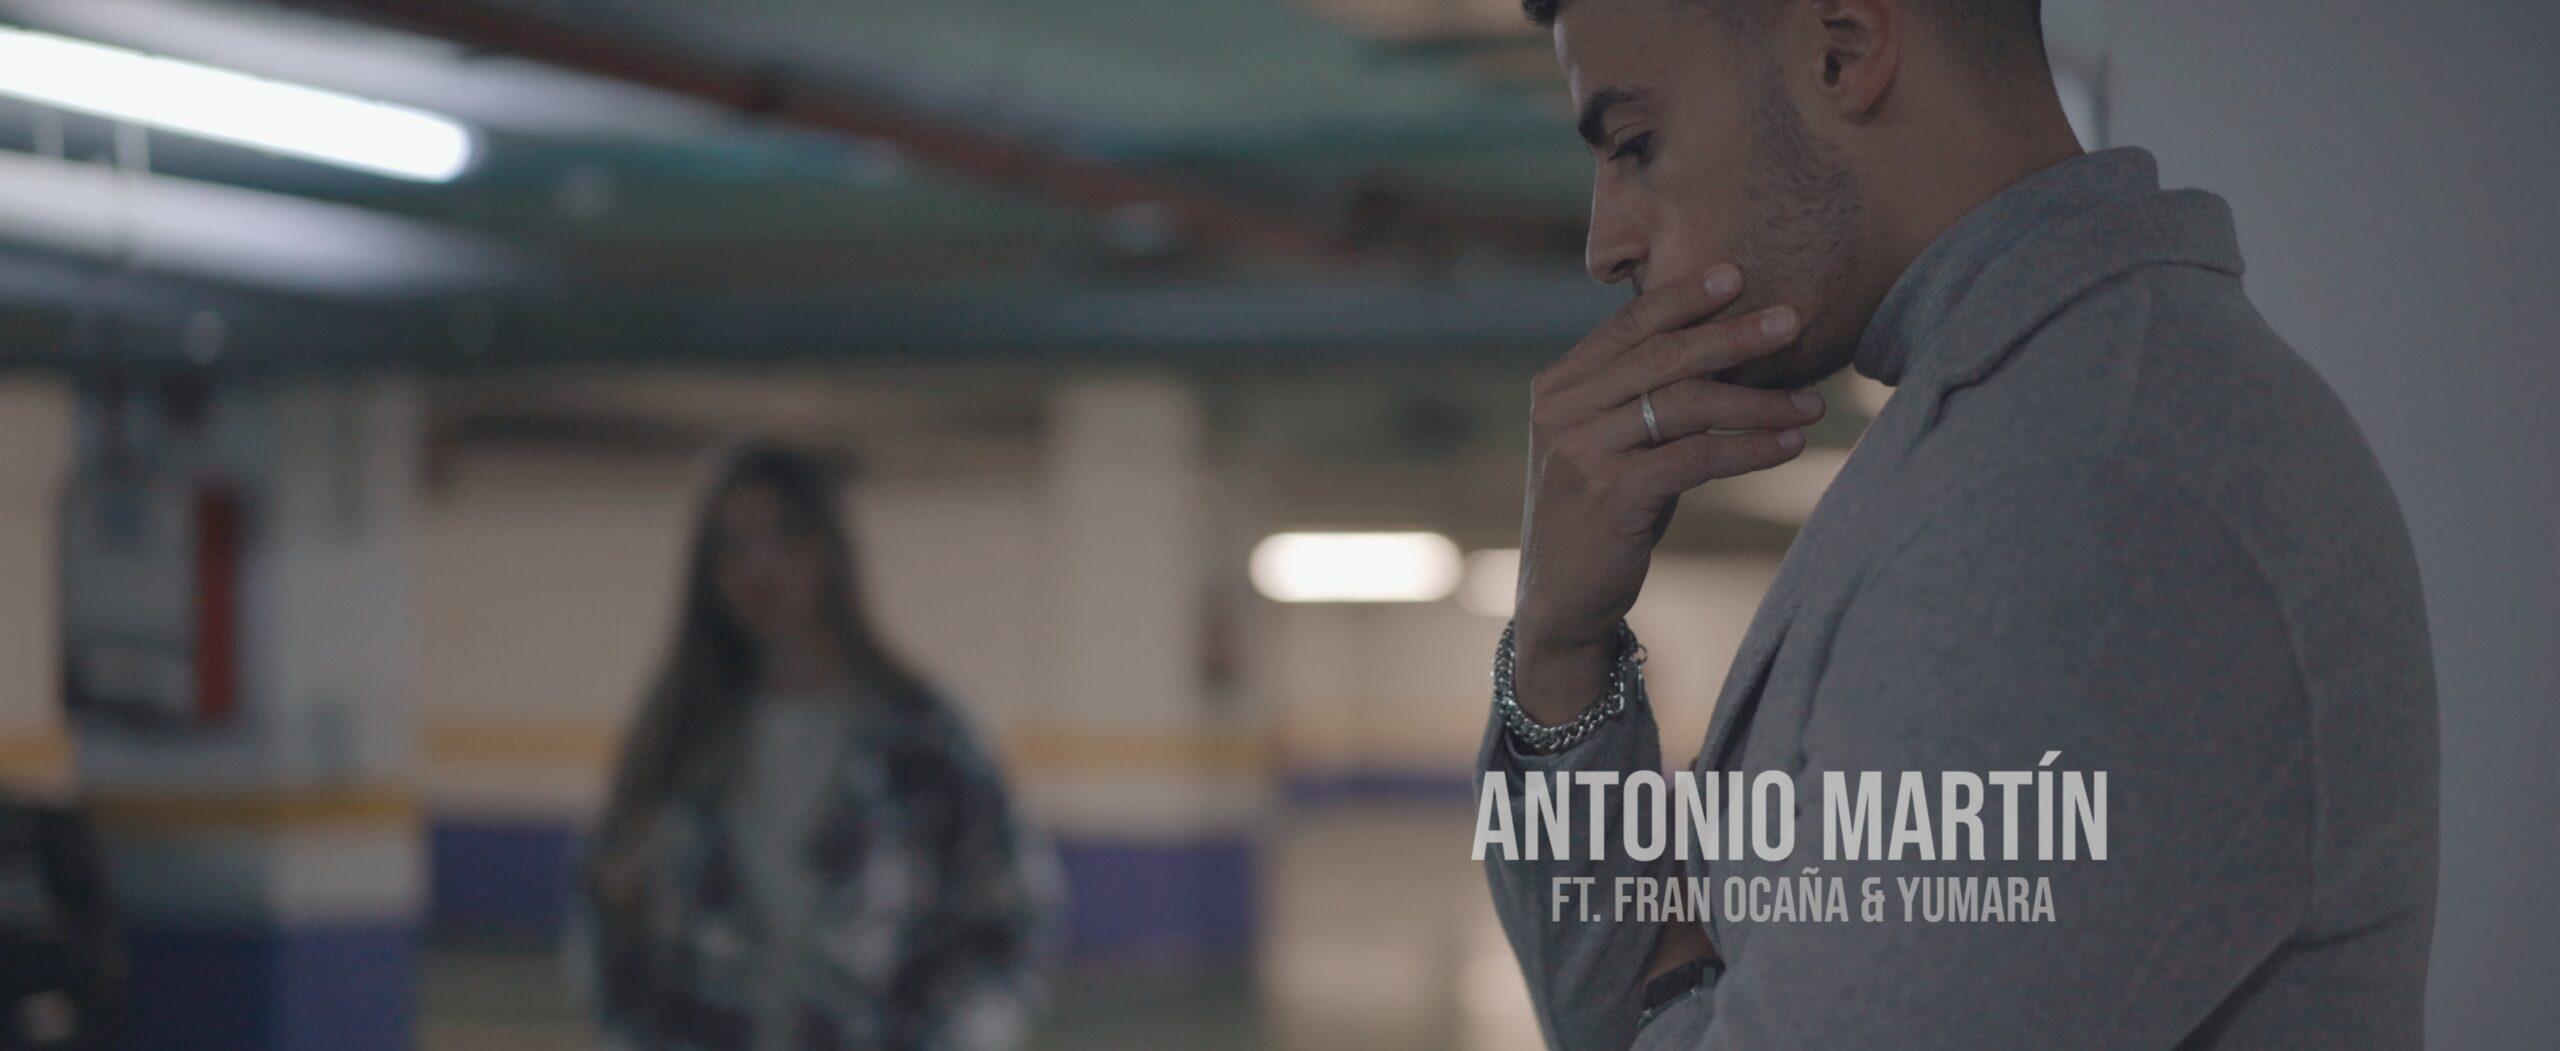 Antonio Martín ft. Fran Ocaña & Yumara